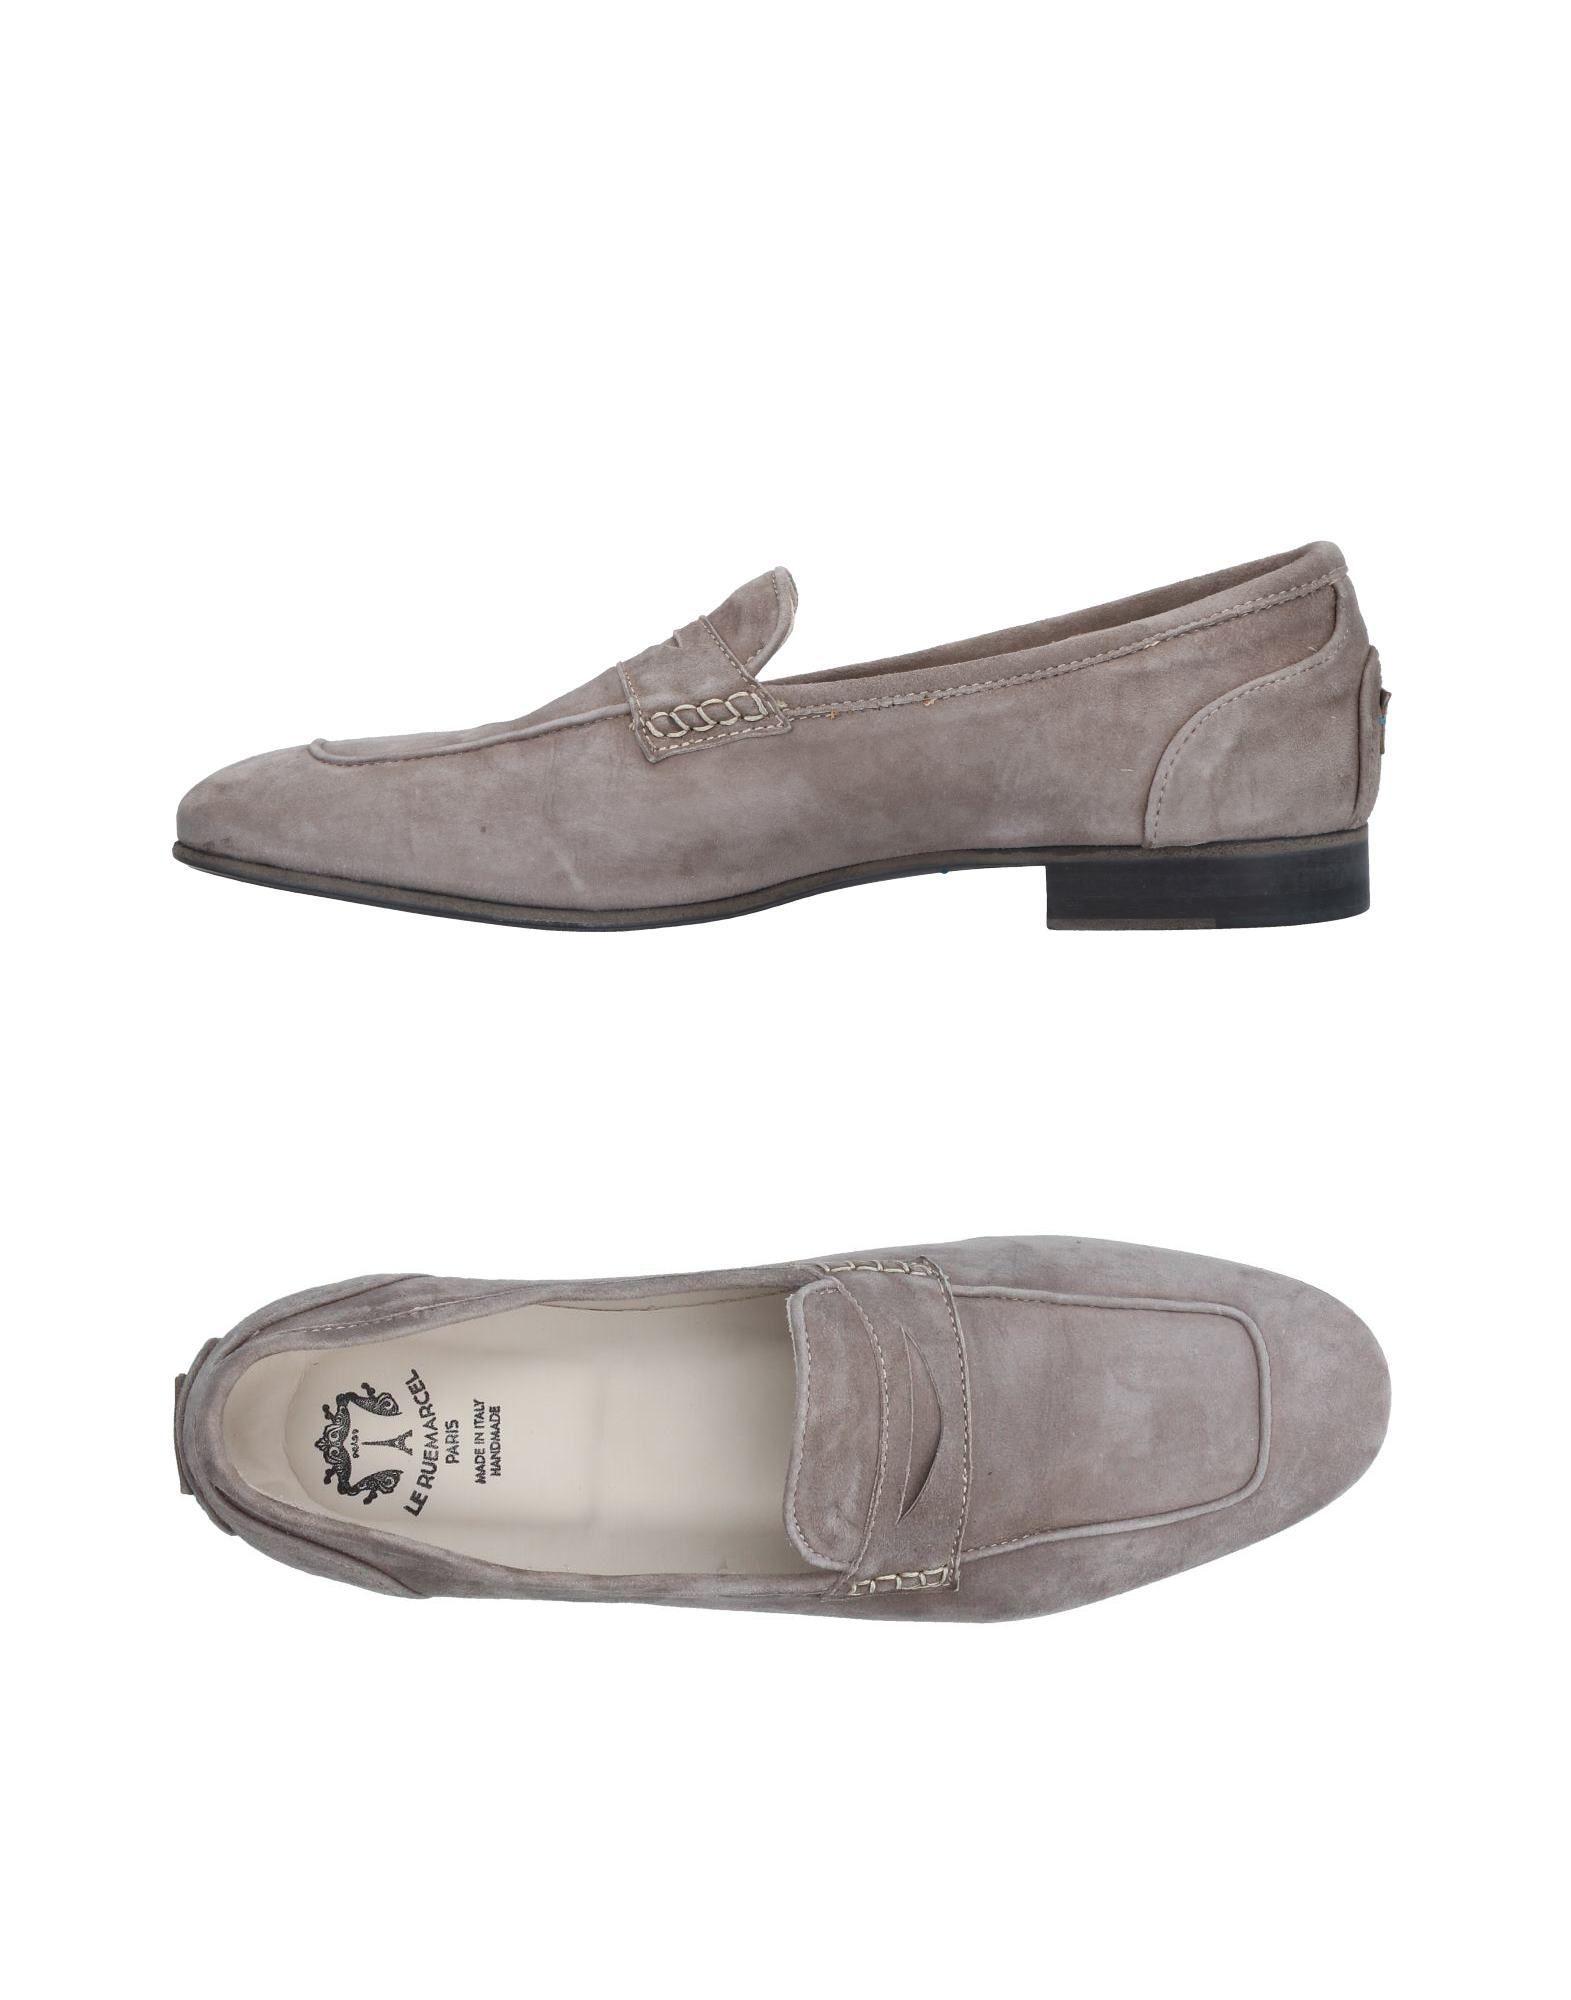 LE RUEMARCEL Loafers in Light Grey